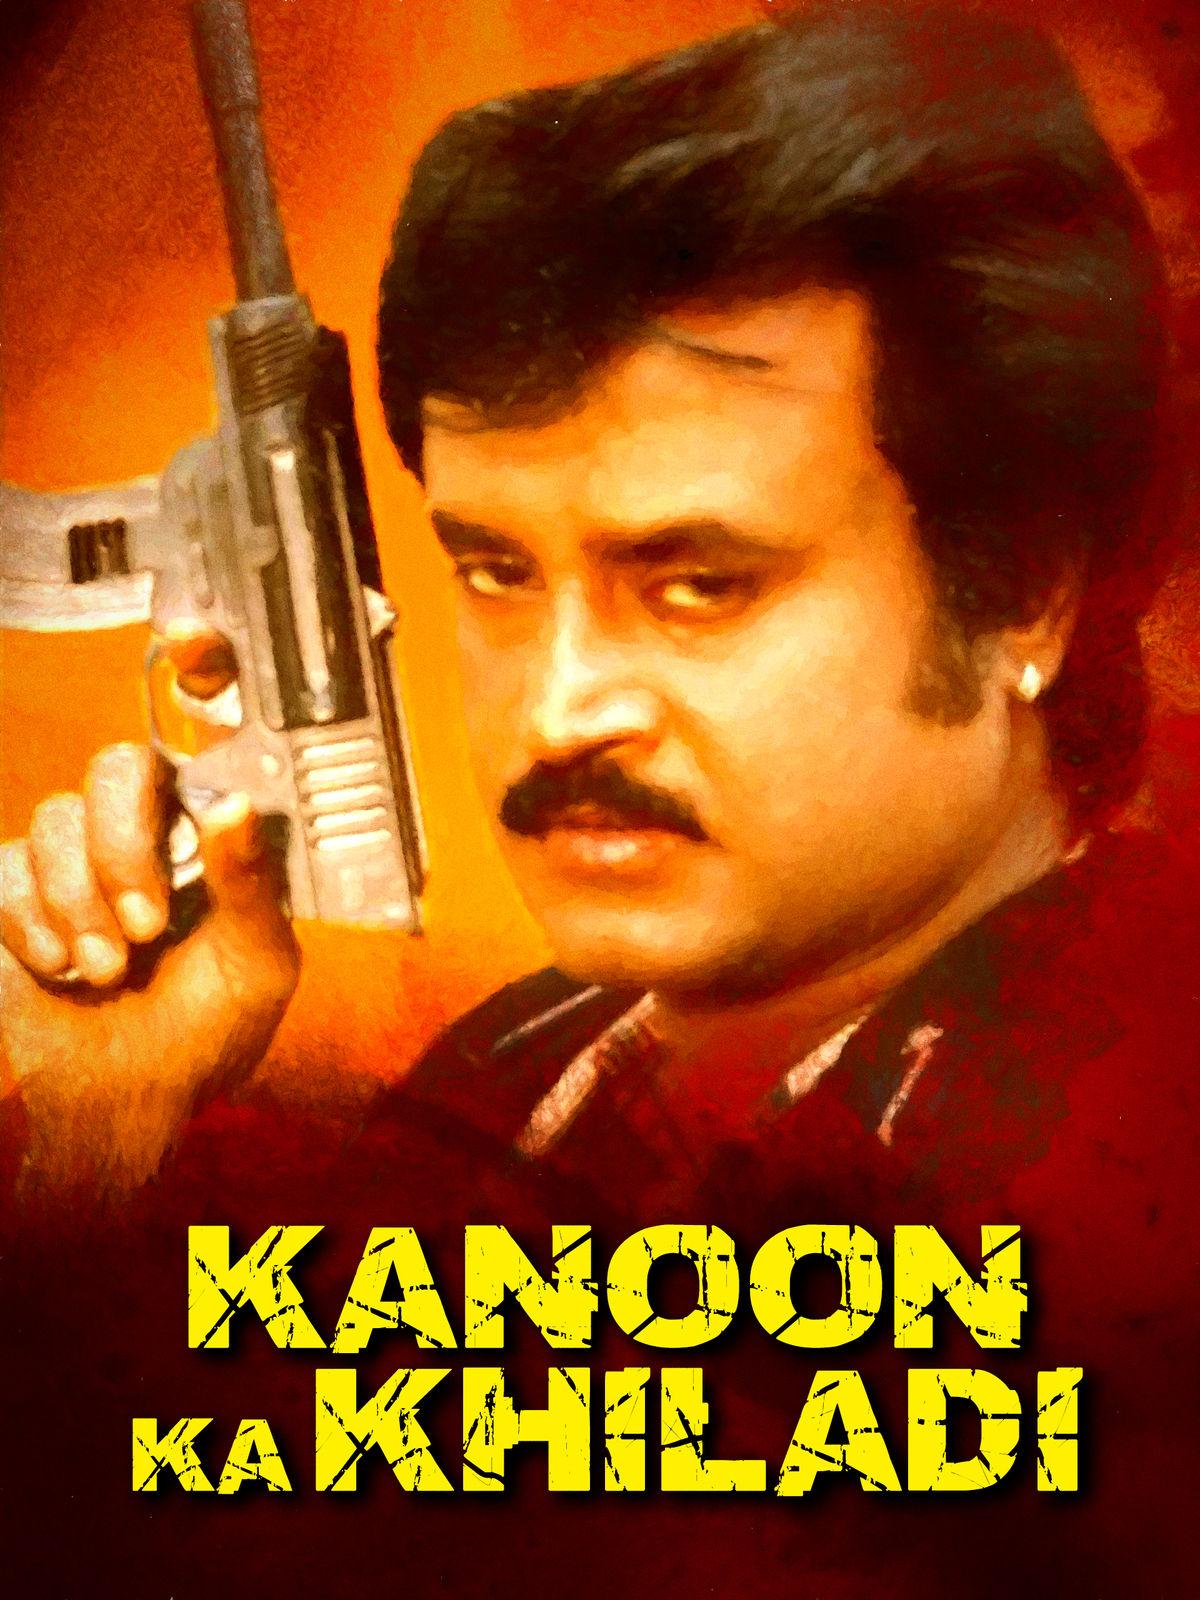 Kanoon Ka Khiladi